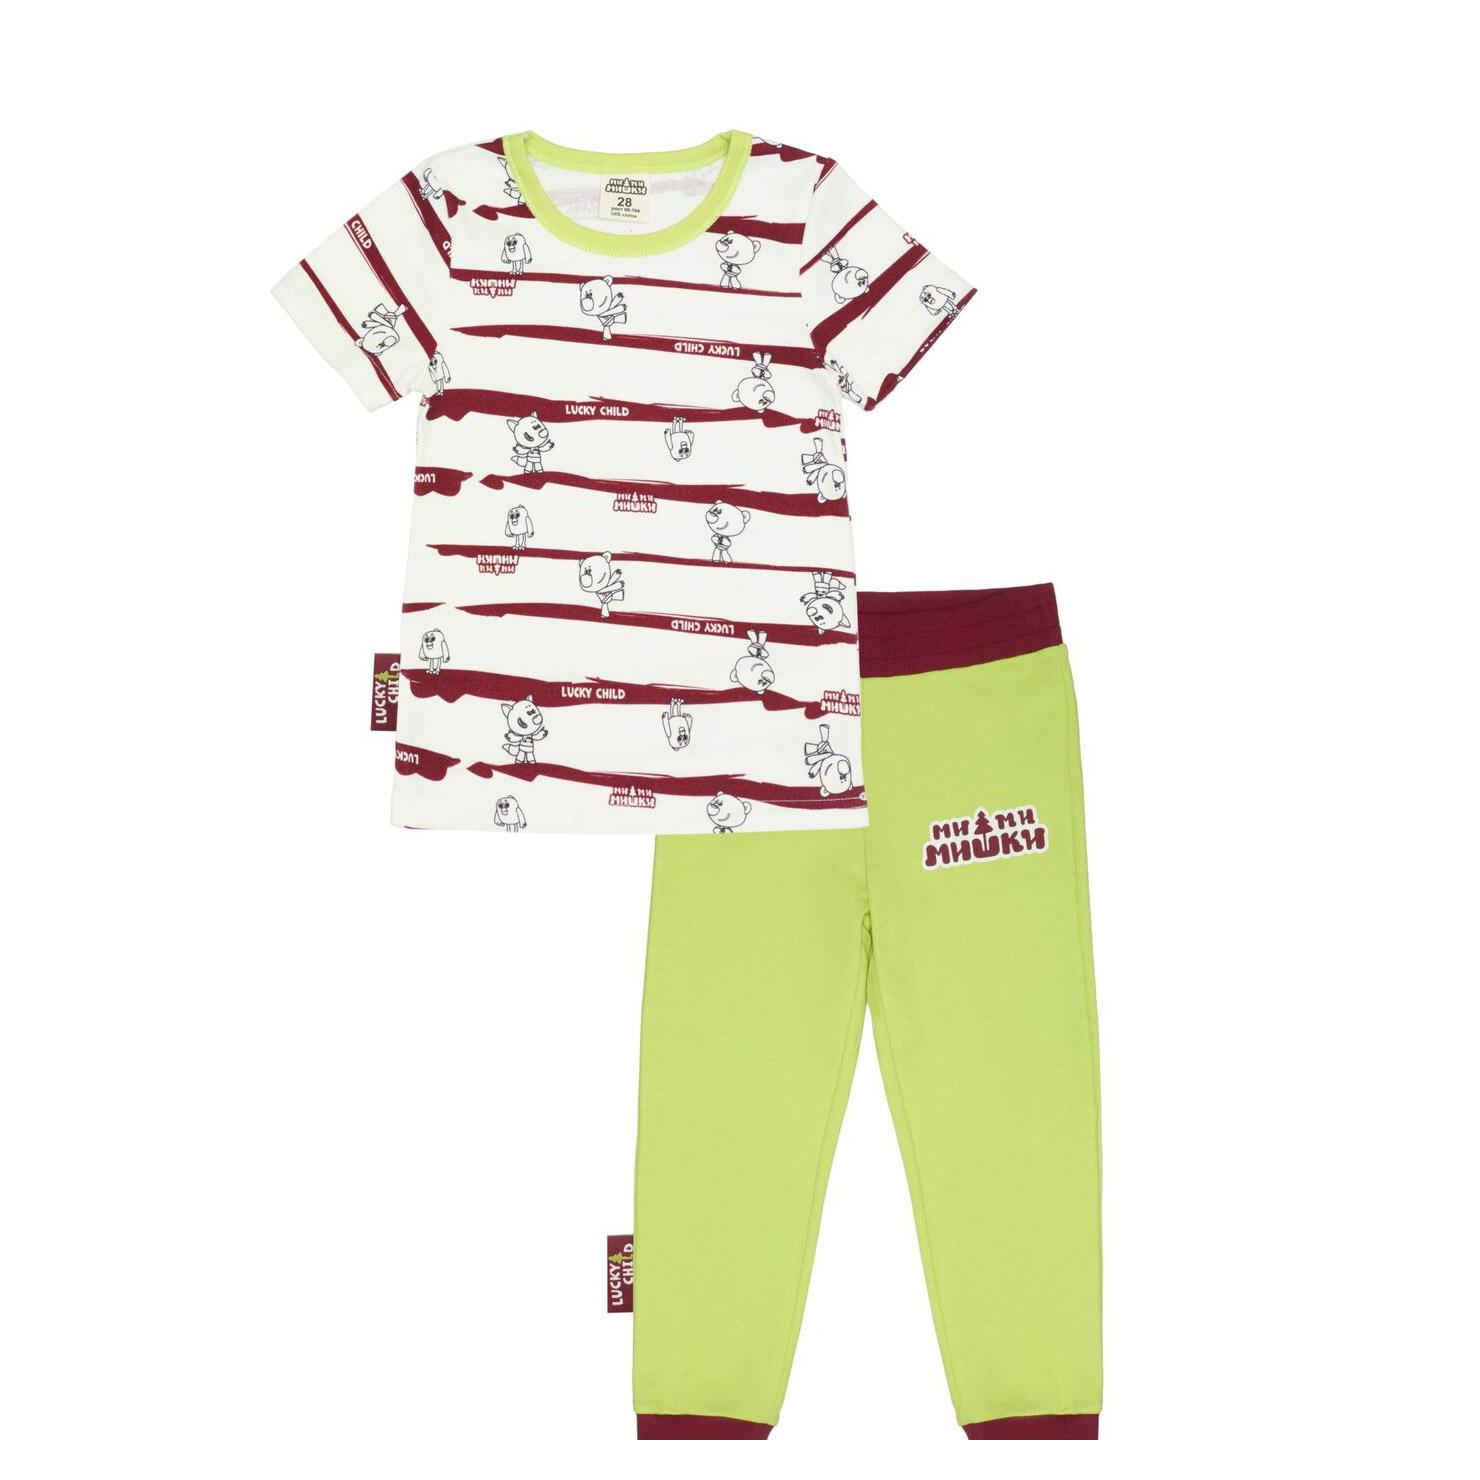 Фото - Пижама Lucky Child с брюками МИ-МИ-МИШКИ полосатая 92-98 пижама lucky child размер 28 92 98 полосатый